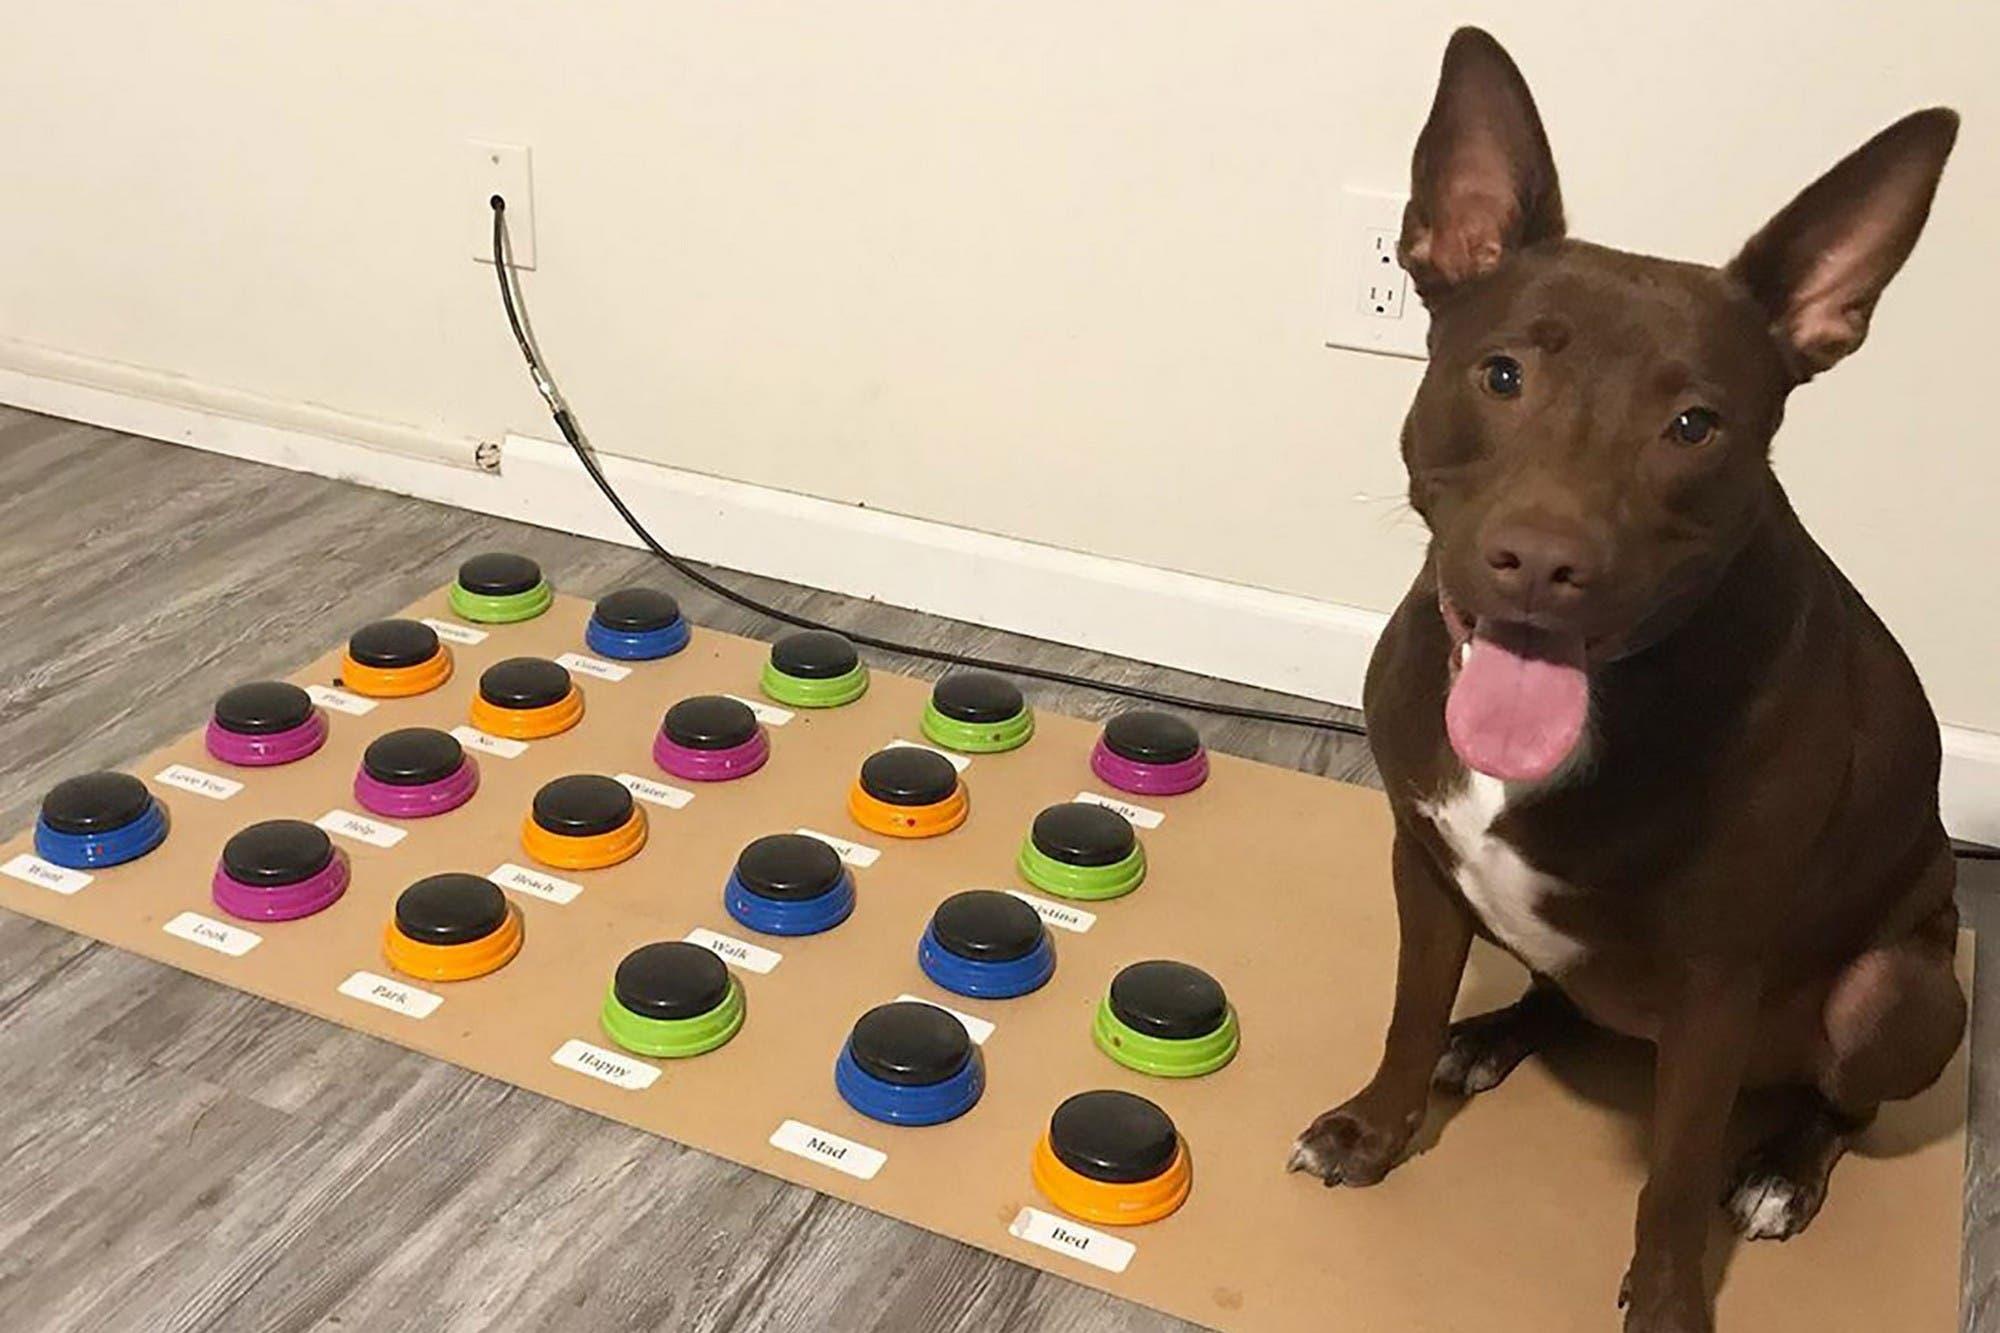 Más que ladridos: una perra aprende a expresarse con una botonera con sonidos